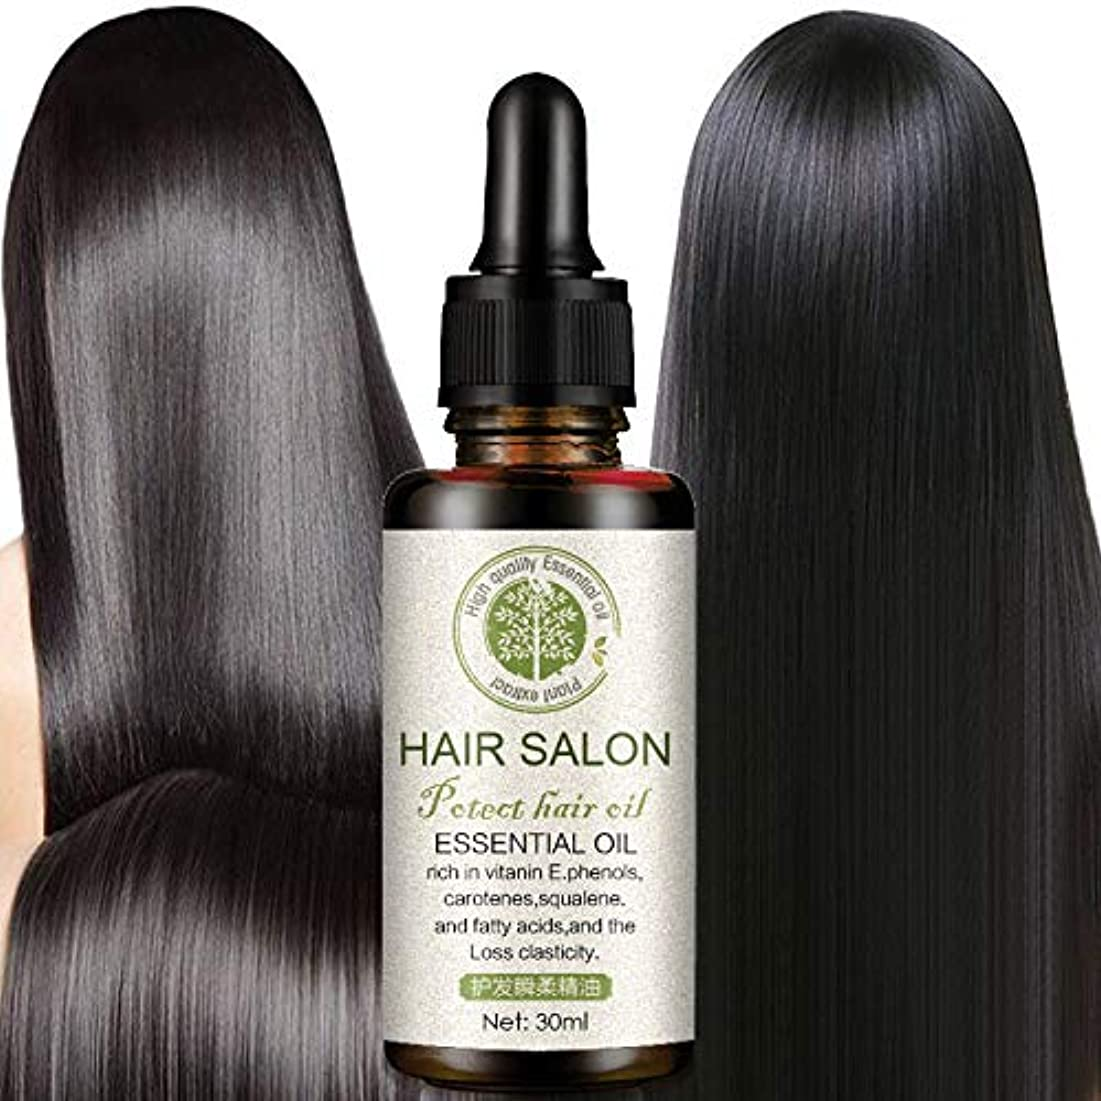 がっかりしたスパン宝Symboat ヘアケアエッセンシャルオイル 乾燥した 傷んだ髪 修復 頭皮治療 洗わない やわらか なめらか しなやかさ 栄養補給 保湿